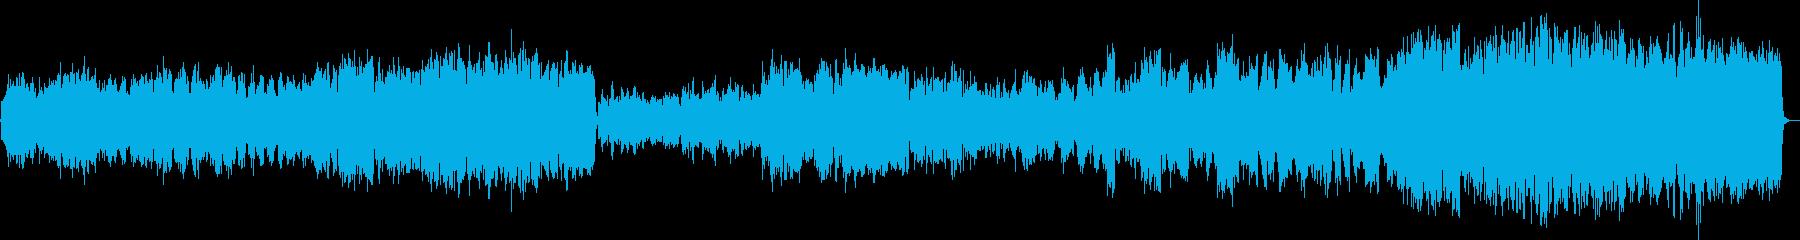 ゲーム エンディング 卒業 オーケストラの再生済みの波形